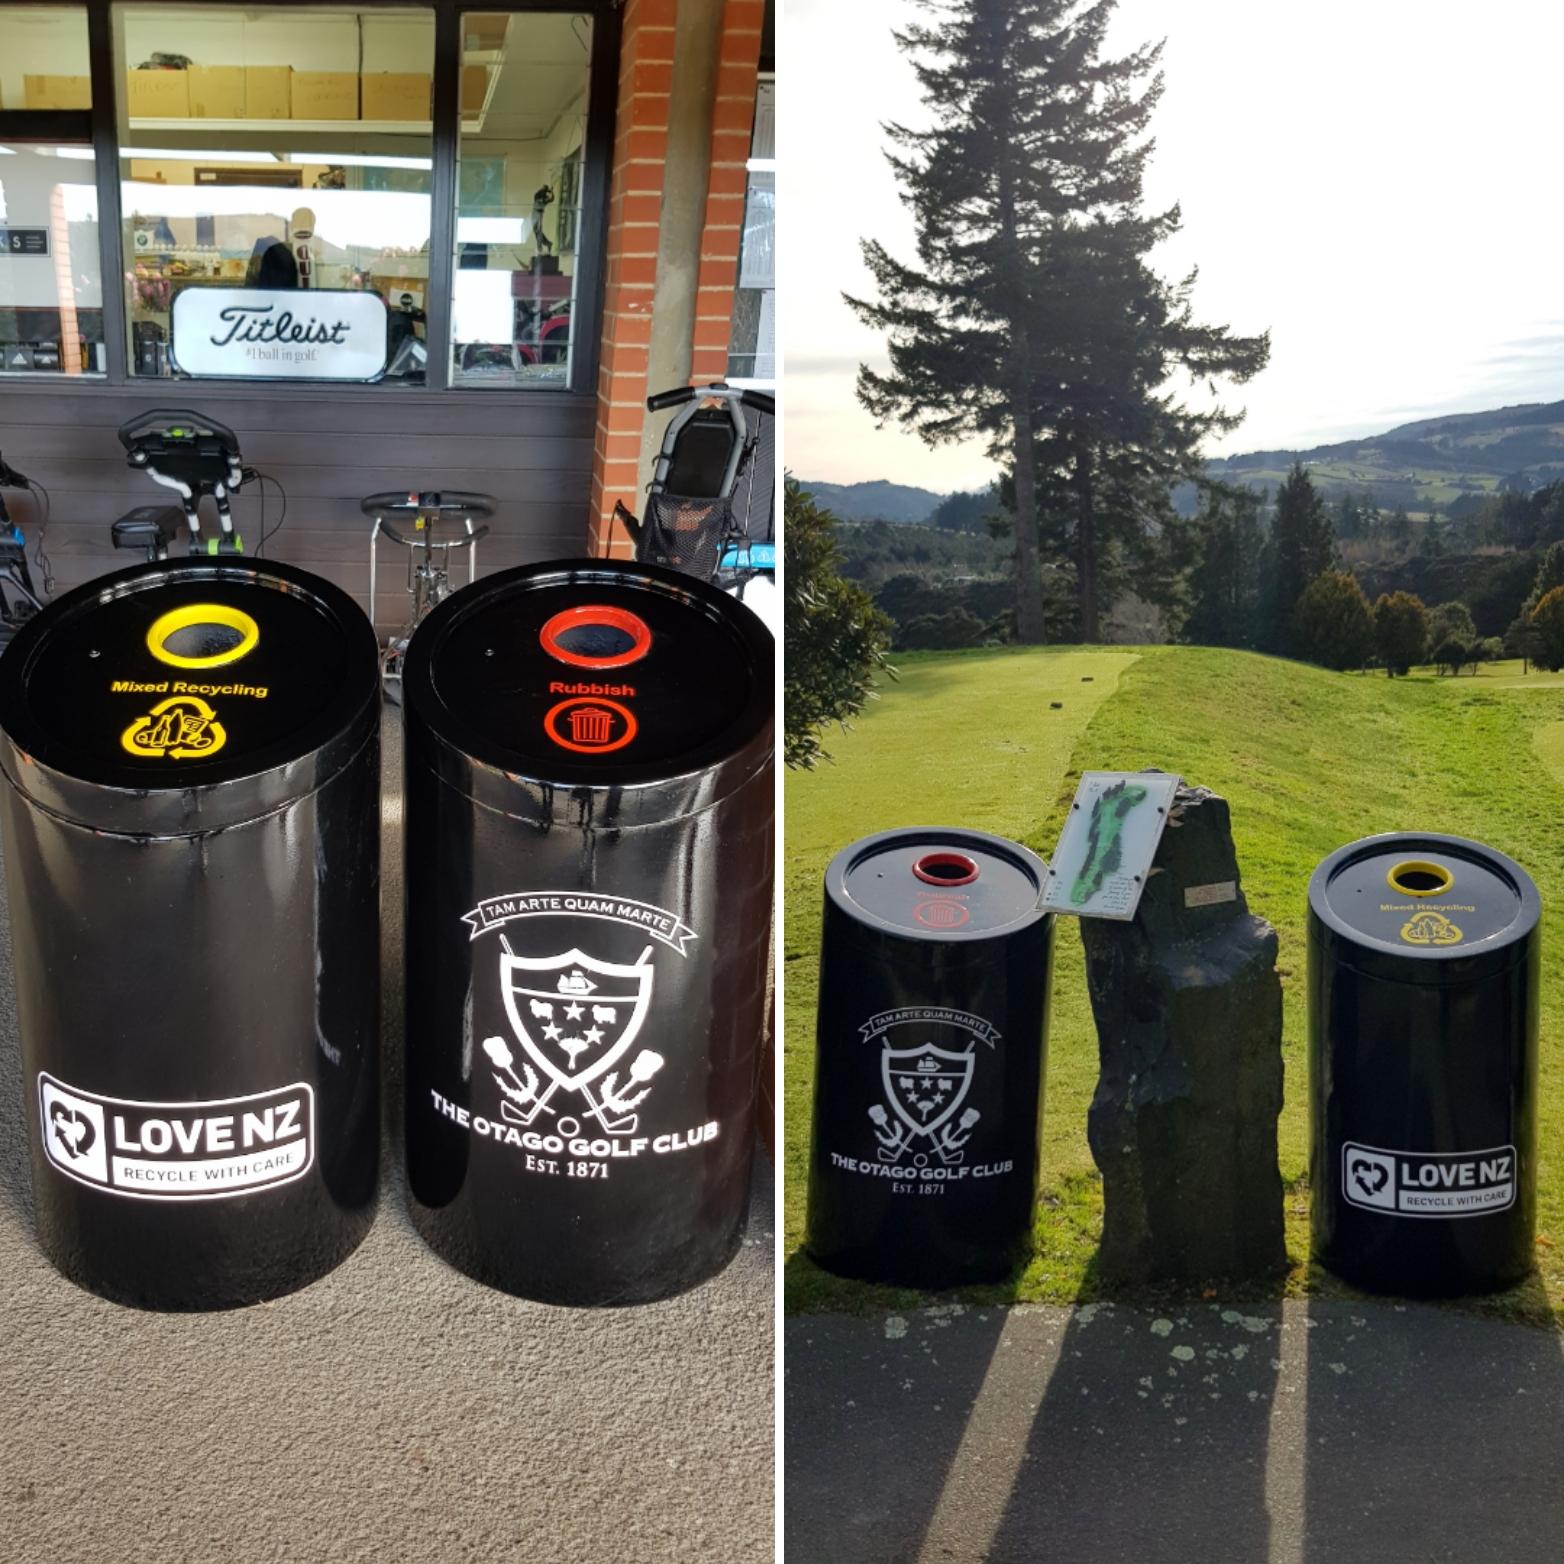 Otago Golf Club